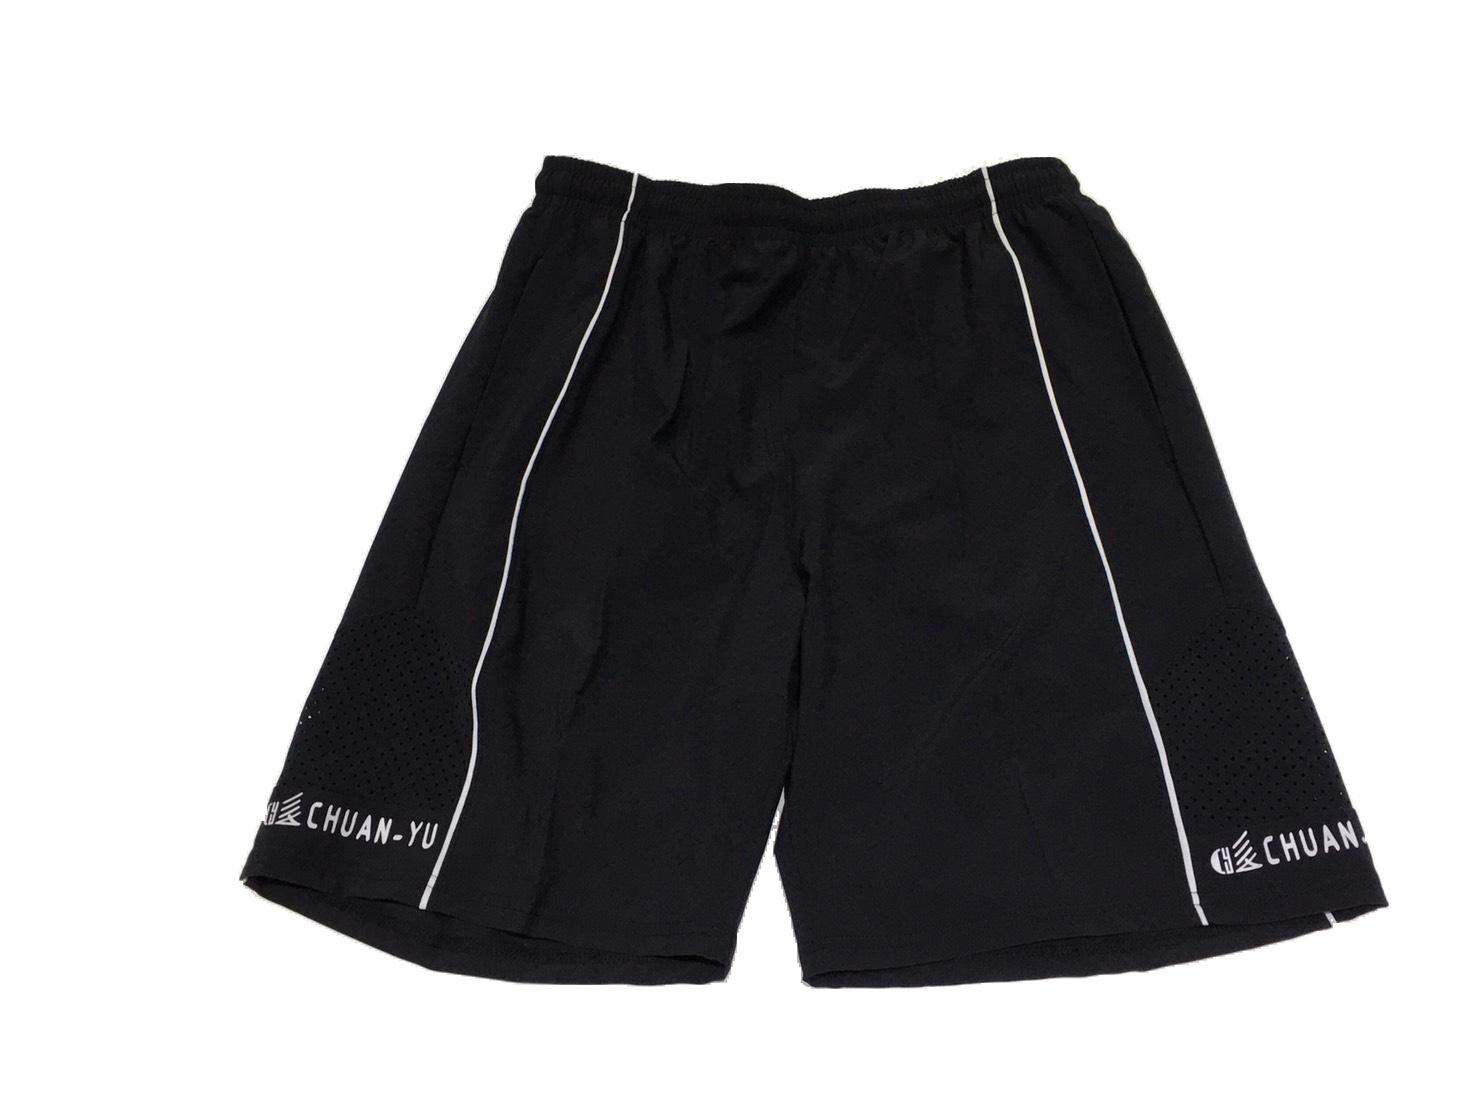 傳羽短褲(黑色)